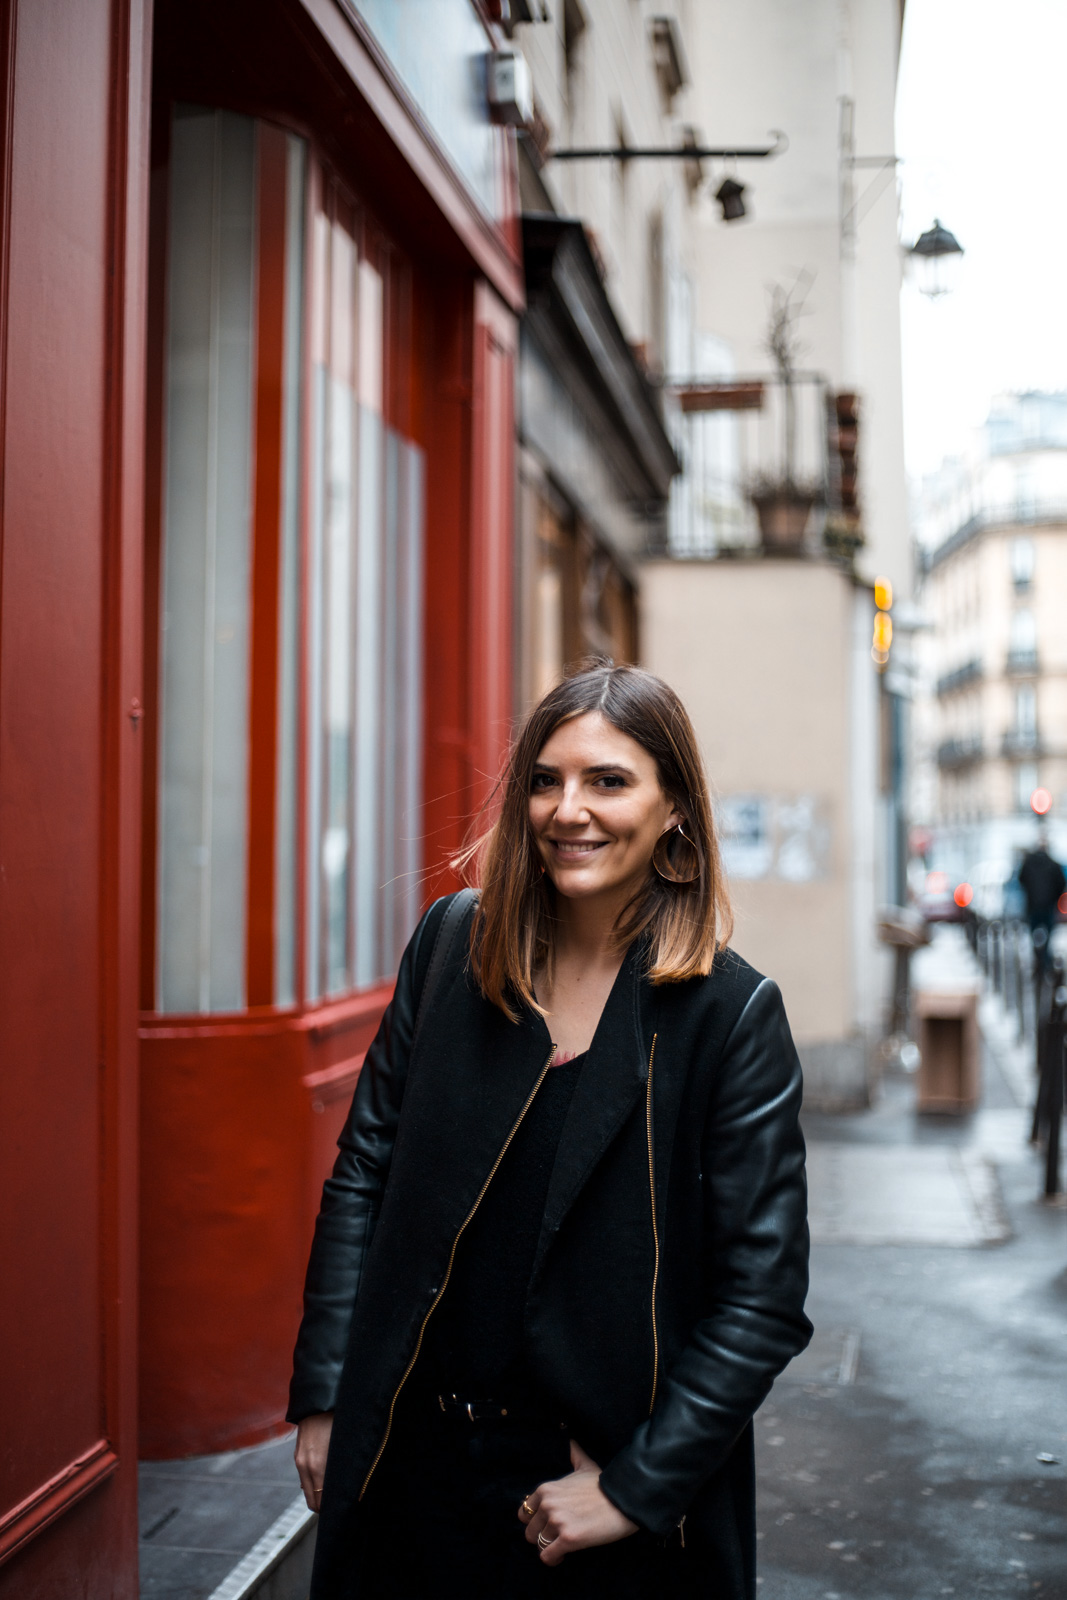 manteau simili cuir blog tendance paris